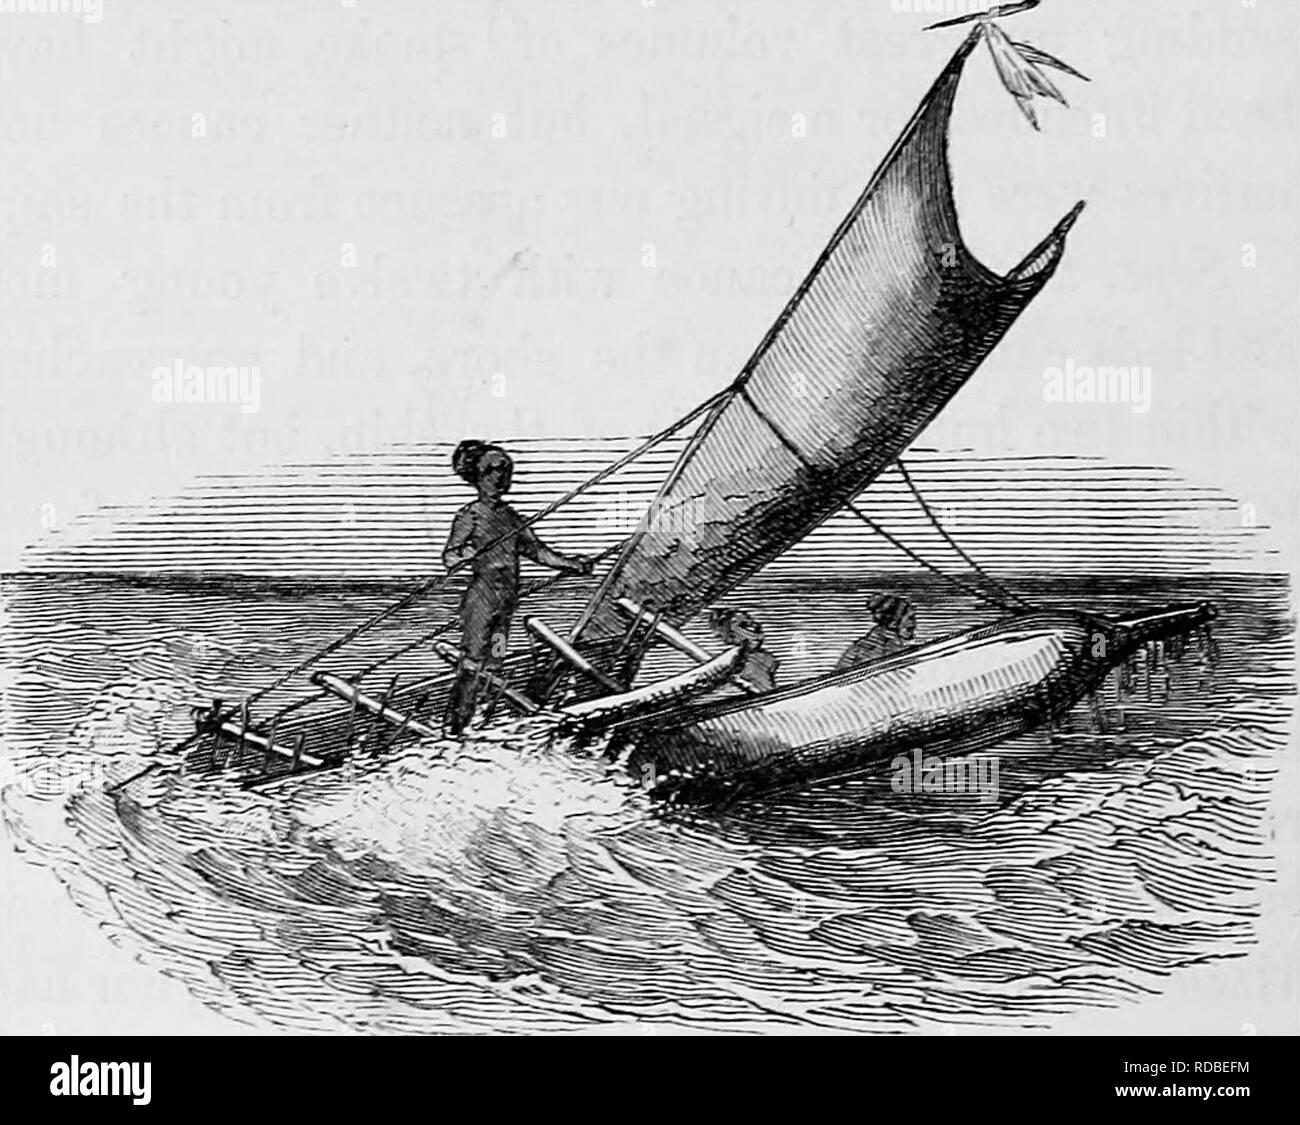 . Descripción del viaje del H.M.S. Cascabel, comandada por el difunto Capitán Owen Stanley durante los años 1846-50 : a la que se añade el Sr. E.B. Kennedy la expedición para la exploración de la península de Cape York . Kennedy, Edmund Besley Corte, 1818-1848; Stanley, Owen; Cascabel (SHIP); historia natural. 294 nativos SE SALEN. He visto antes en una canoa tantos rostros guapos. Como una tela de nalgas llevaban una estrecha franja de tela blanca que pasa entre las piernas y sujeta a una cadena alrededor de la cintura^ pero era demasiado estrecho para servir como una hoja de parra. Entre sus ornamentos vimos collares de sm Foto de stock